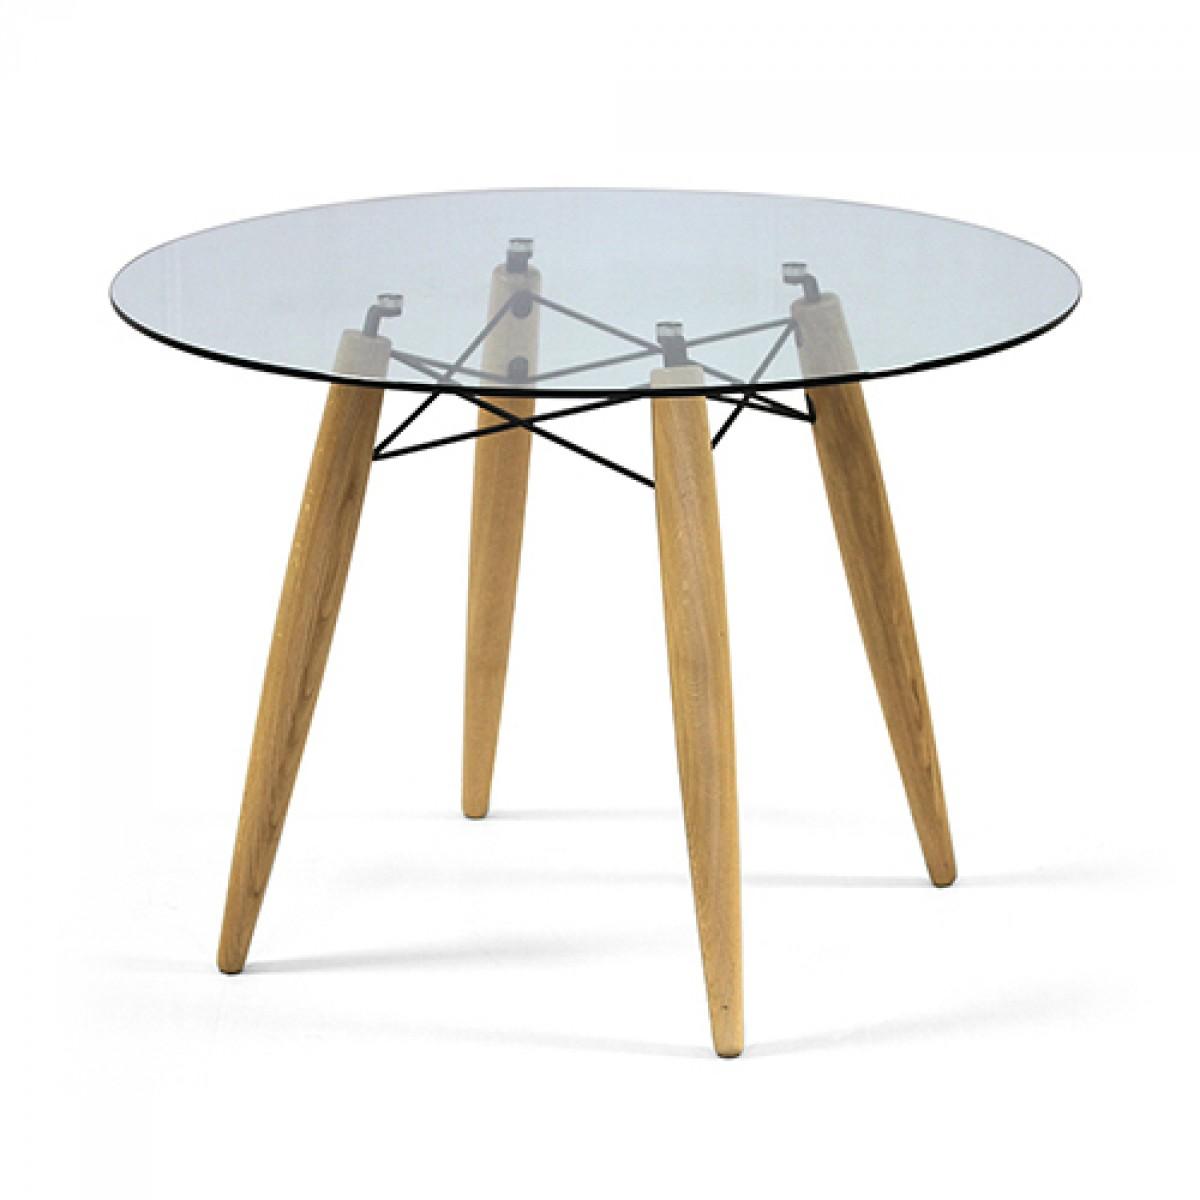 Esstisch Rund 100 Cm Tisch Rund 100 Cm Einzigartig Ikea Tisch Glas